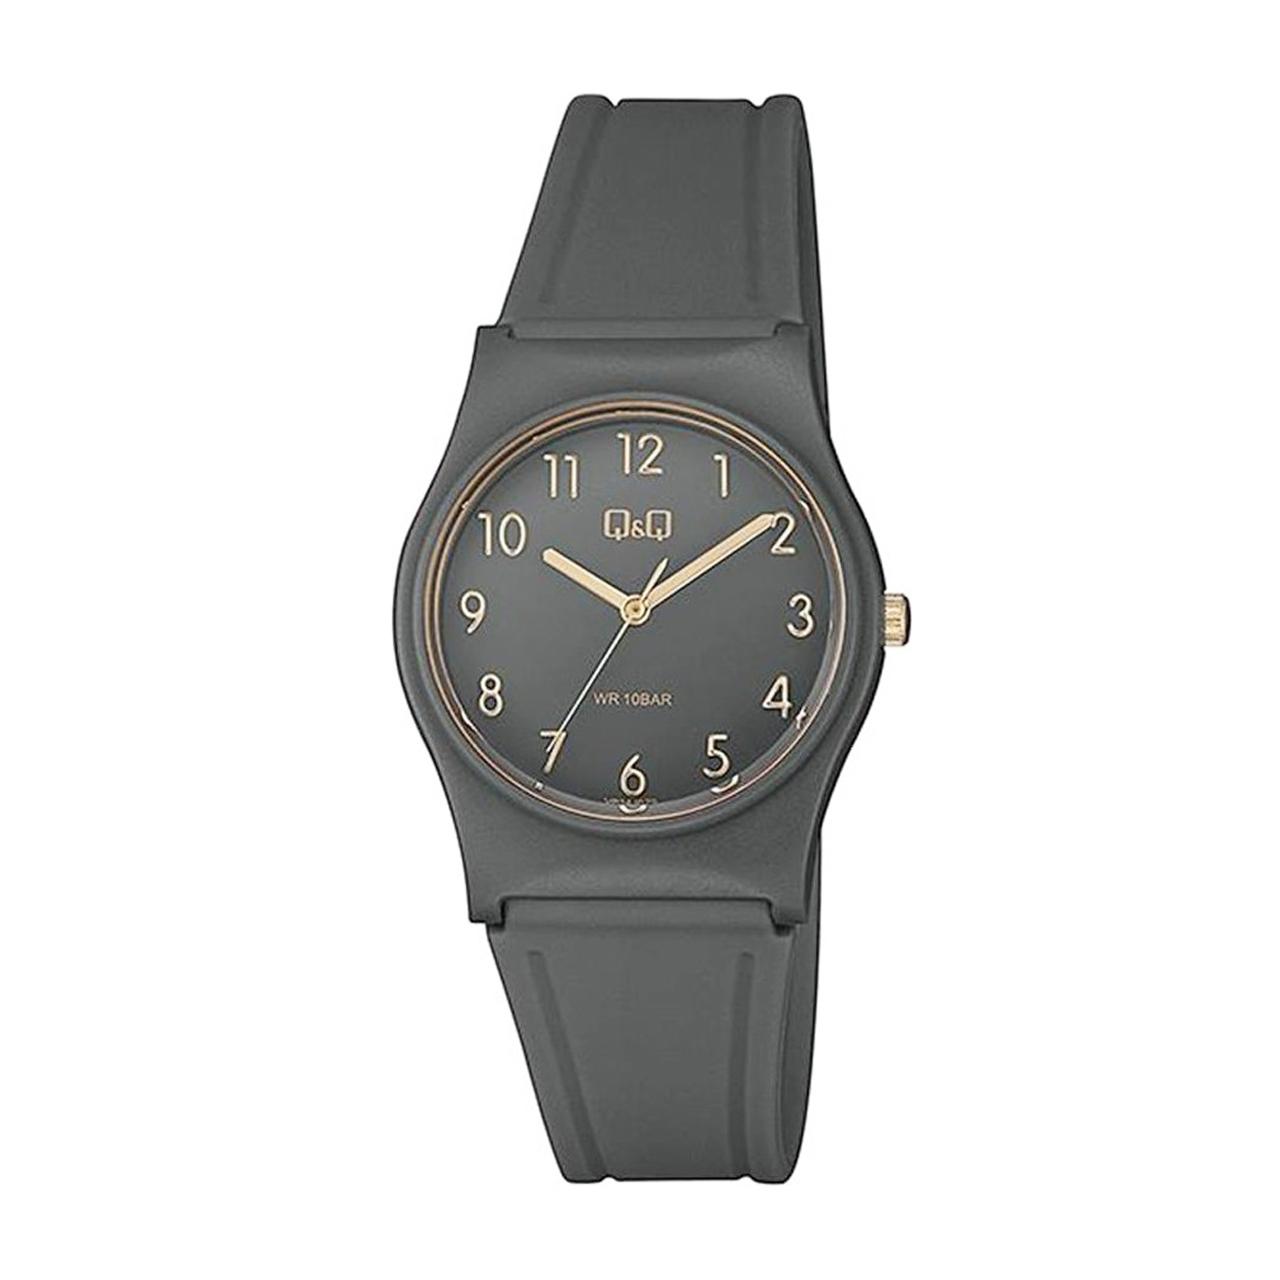 ساعت مچی عقربه ای زنانه کیو اند کیو مدل vp34j079y به همراه دستمال مخصوص کلین واچ